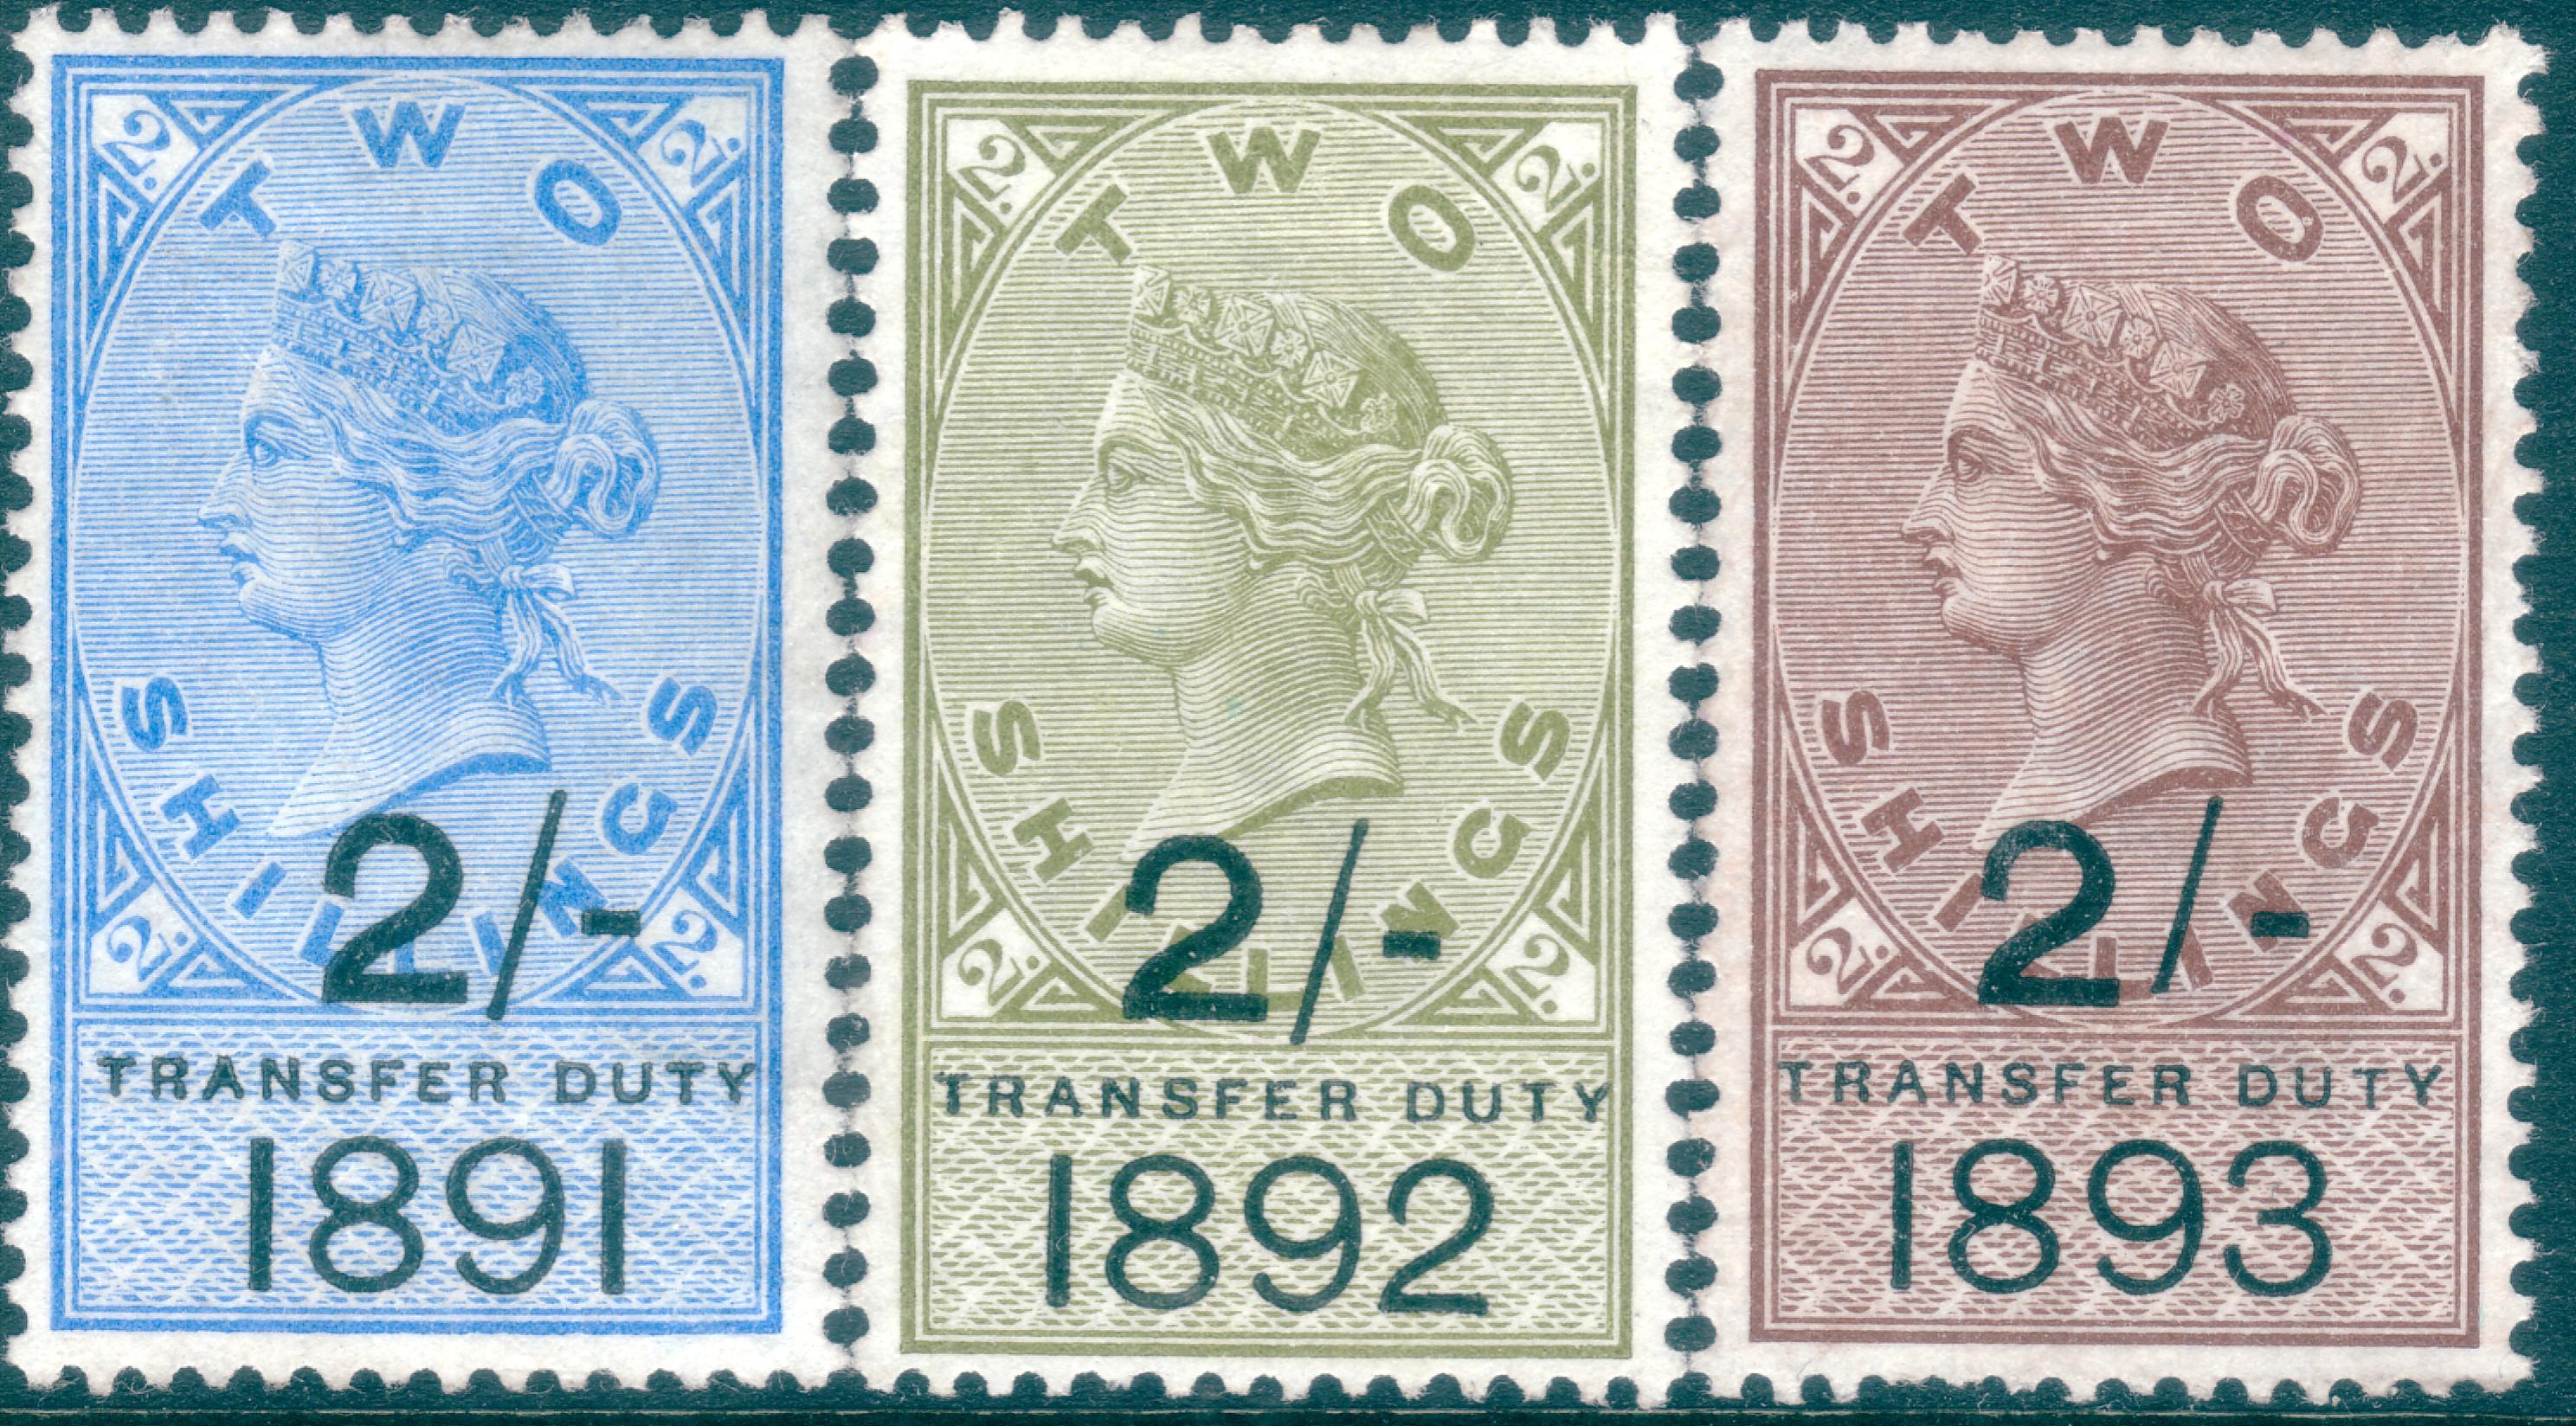 1891-1893 2s Transfer Duty Trio all Fresh Unused